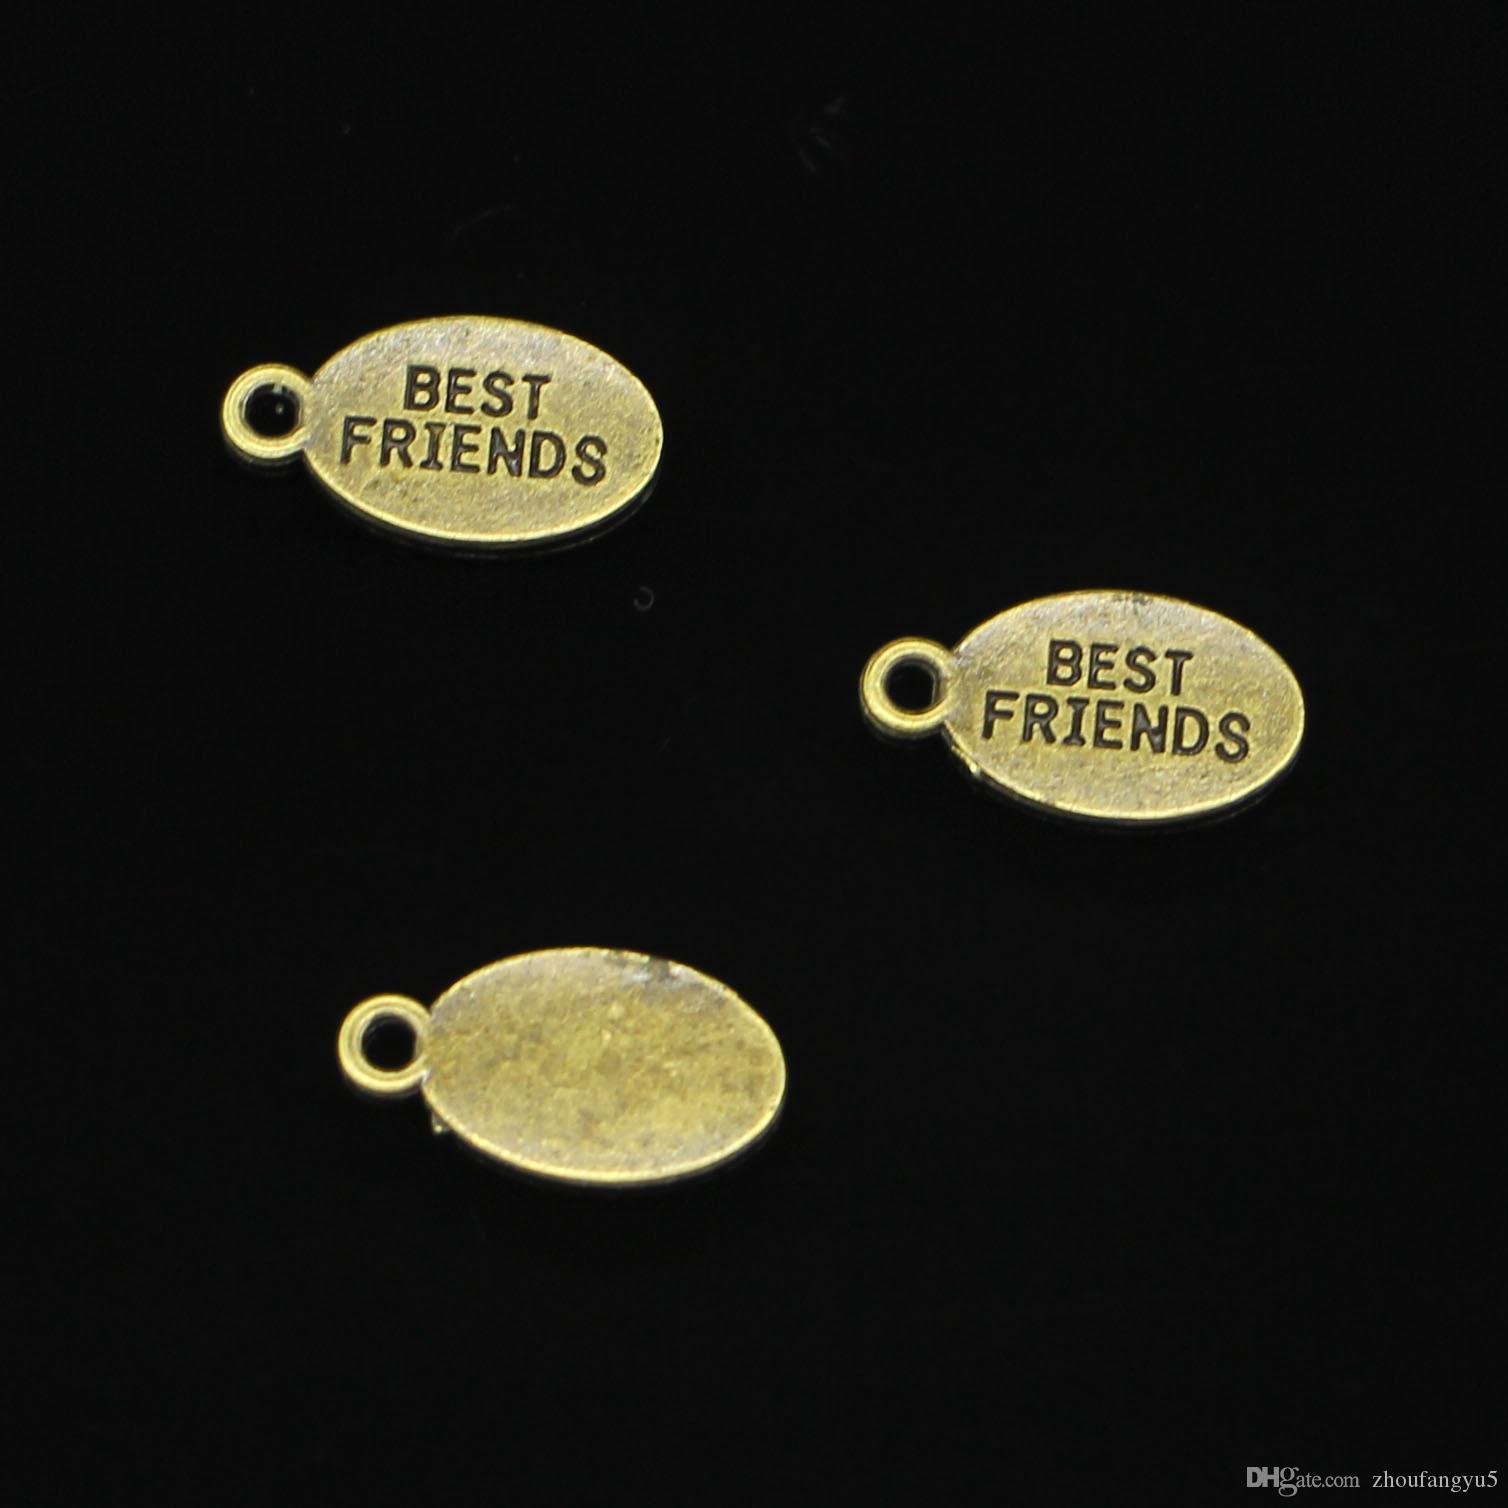 120 adet Çinko Alaşım Charms Antik Bronz Kaplama tabaklar best friends Charms Takı Yapımı için DIY El Yapımı Kolye 19 * 10mm